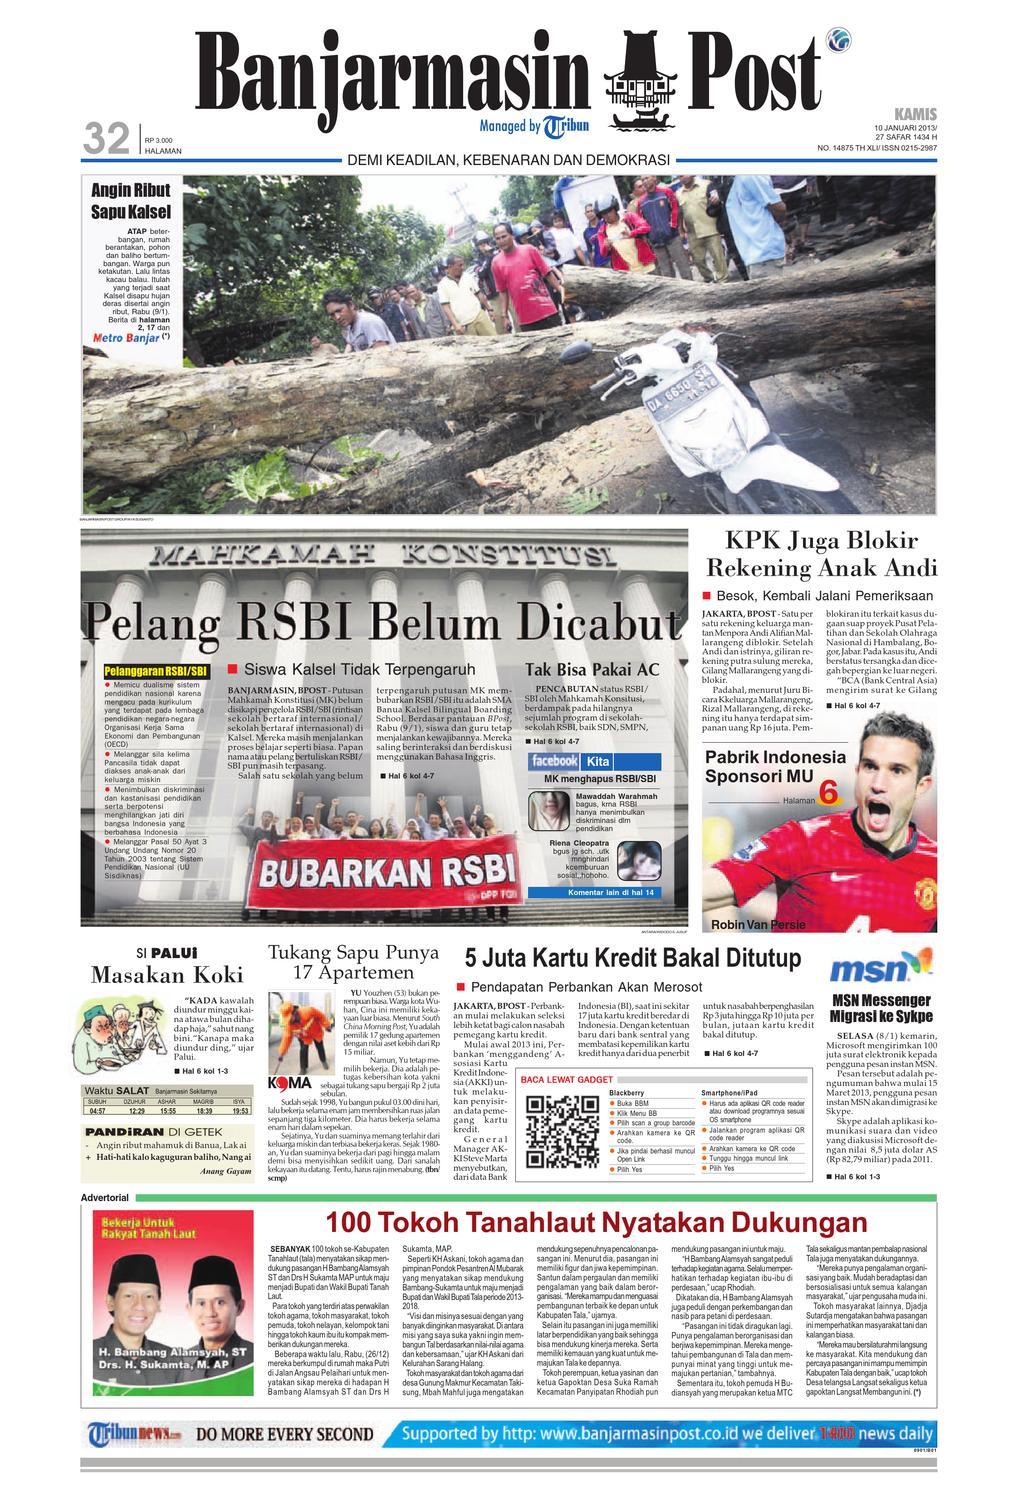 Banjarmasin Post Selasa 9 Juli 2013 By Issuu Fcenter Lemari Pakaian Wd Hk 1802 Sh Jawa Tengah Edisi Kamis 10 Januari